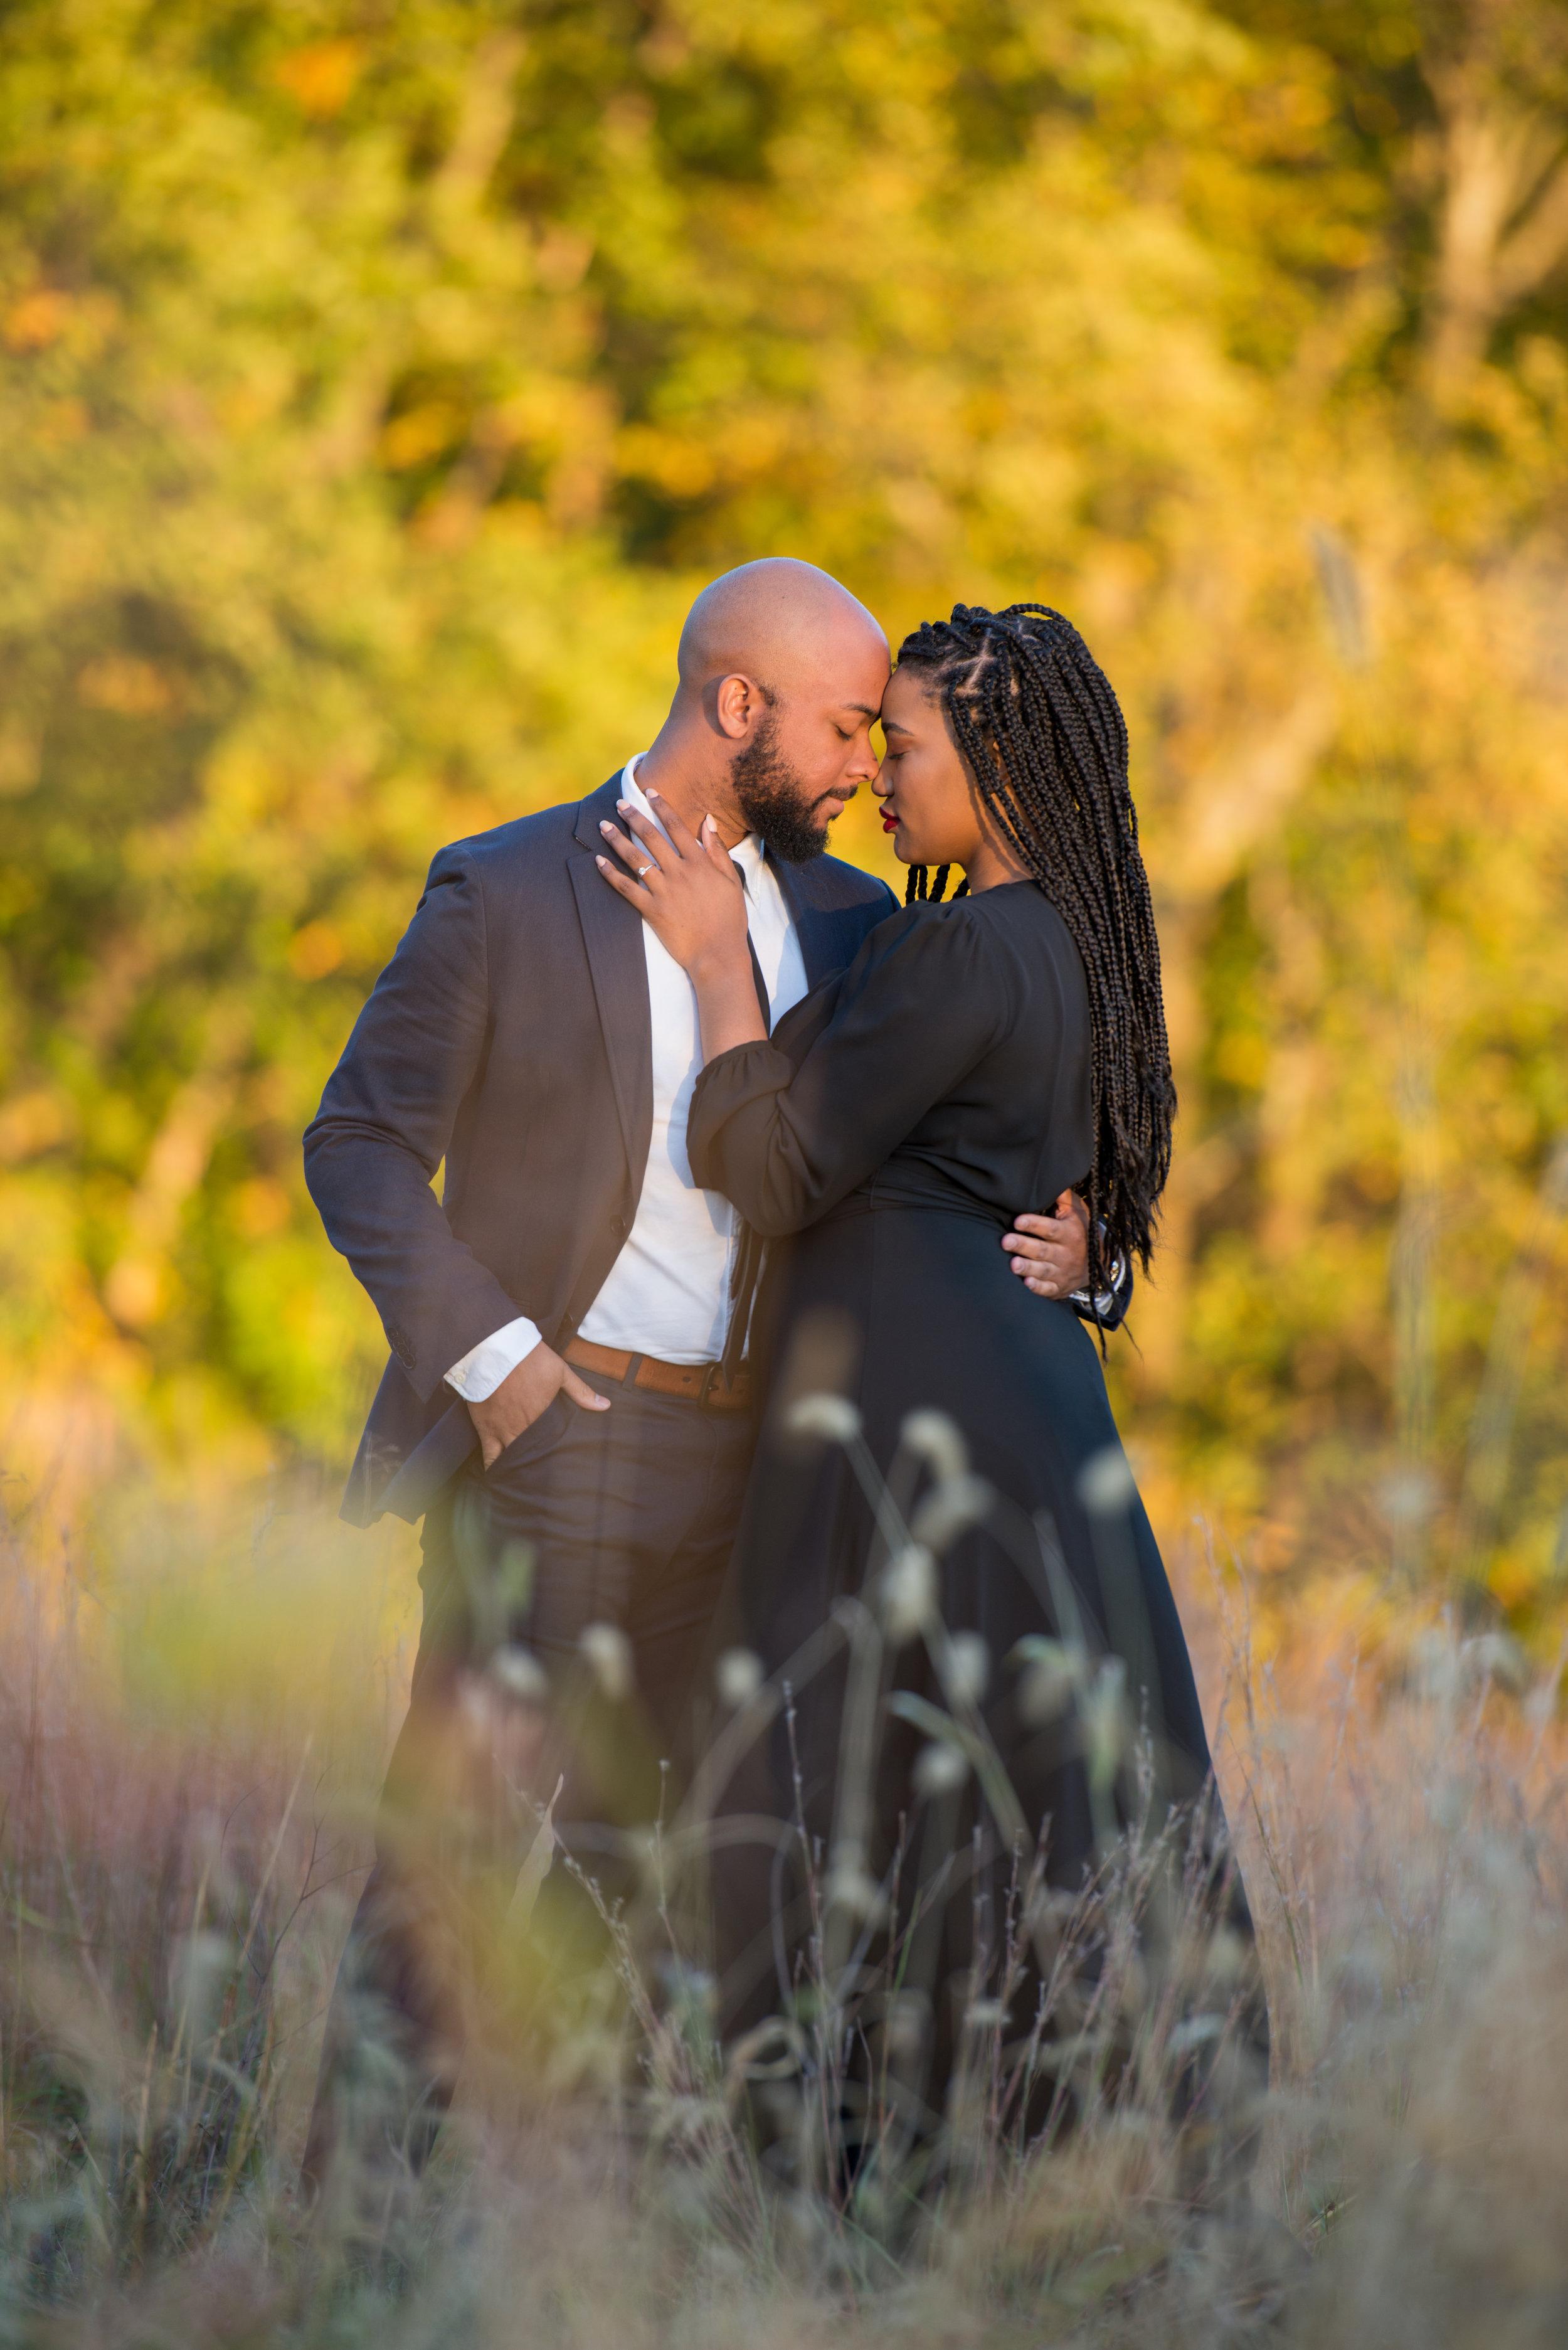 Omar-Sarah-Engagement-83.jpg